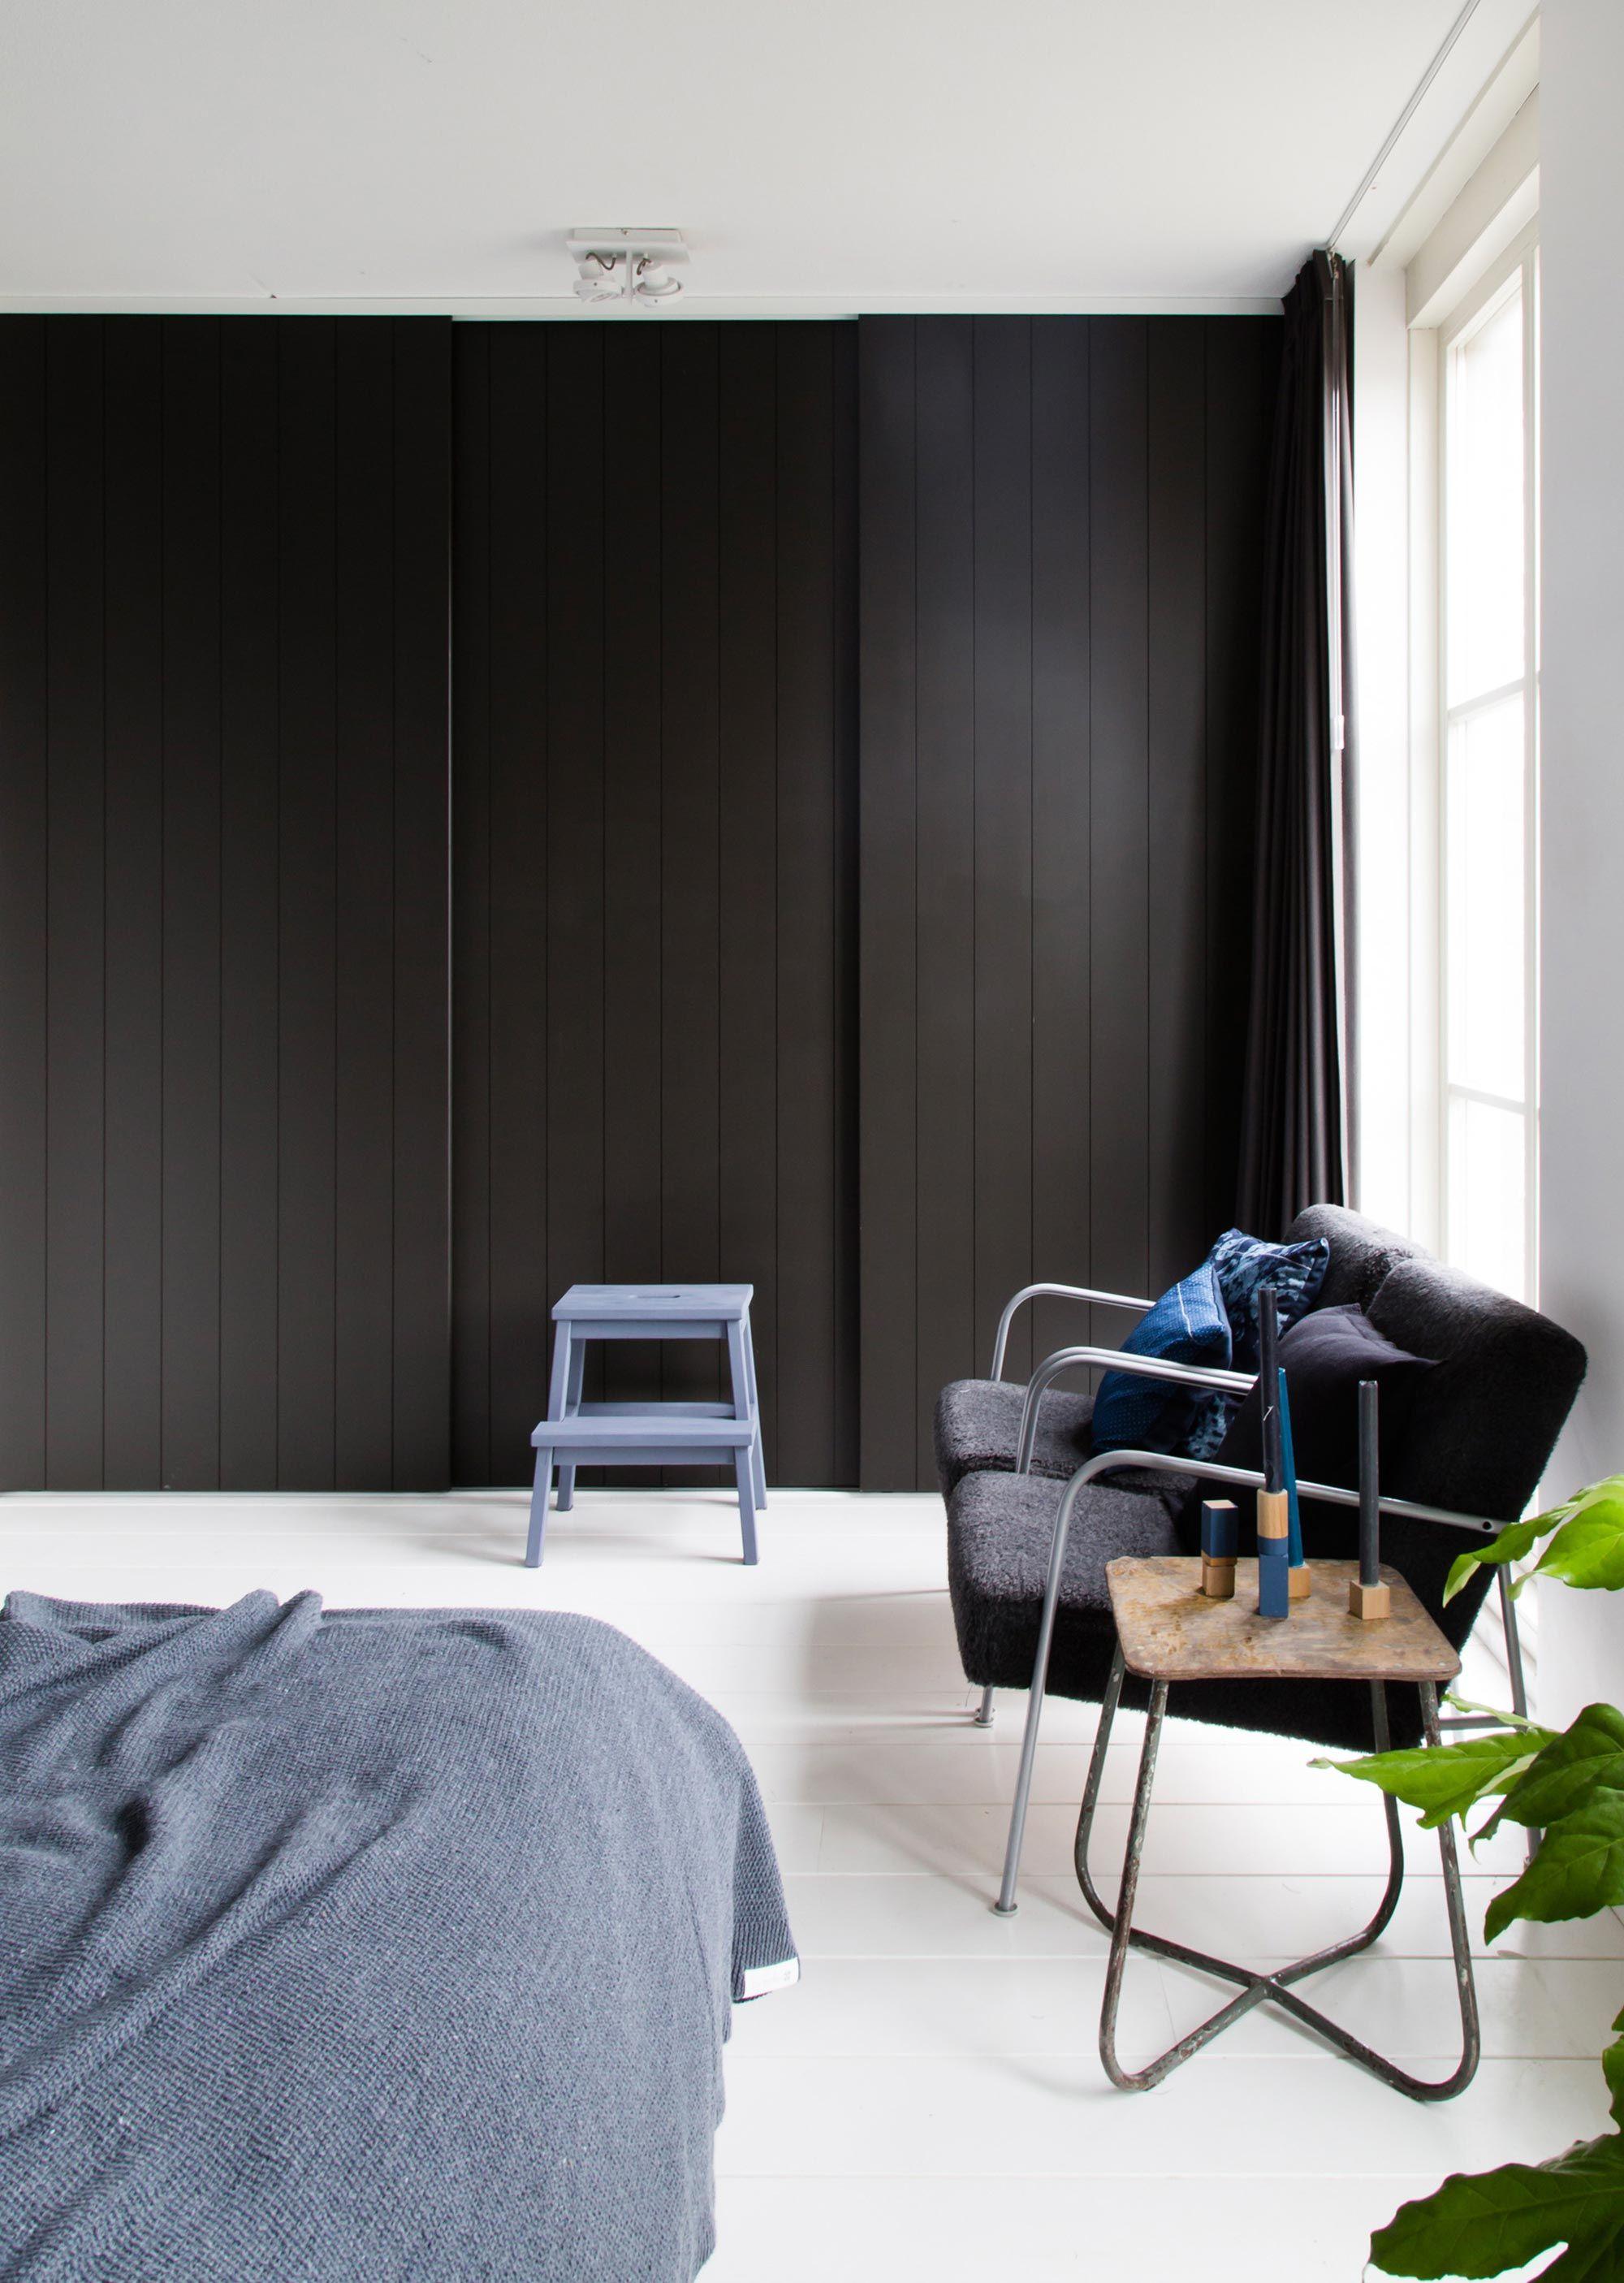 Zwarte Slaapkamer Kast.Pin De Anique Van Laarhoven En Slaapkamer Kast Slaapkamer